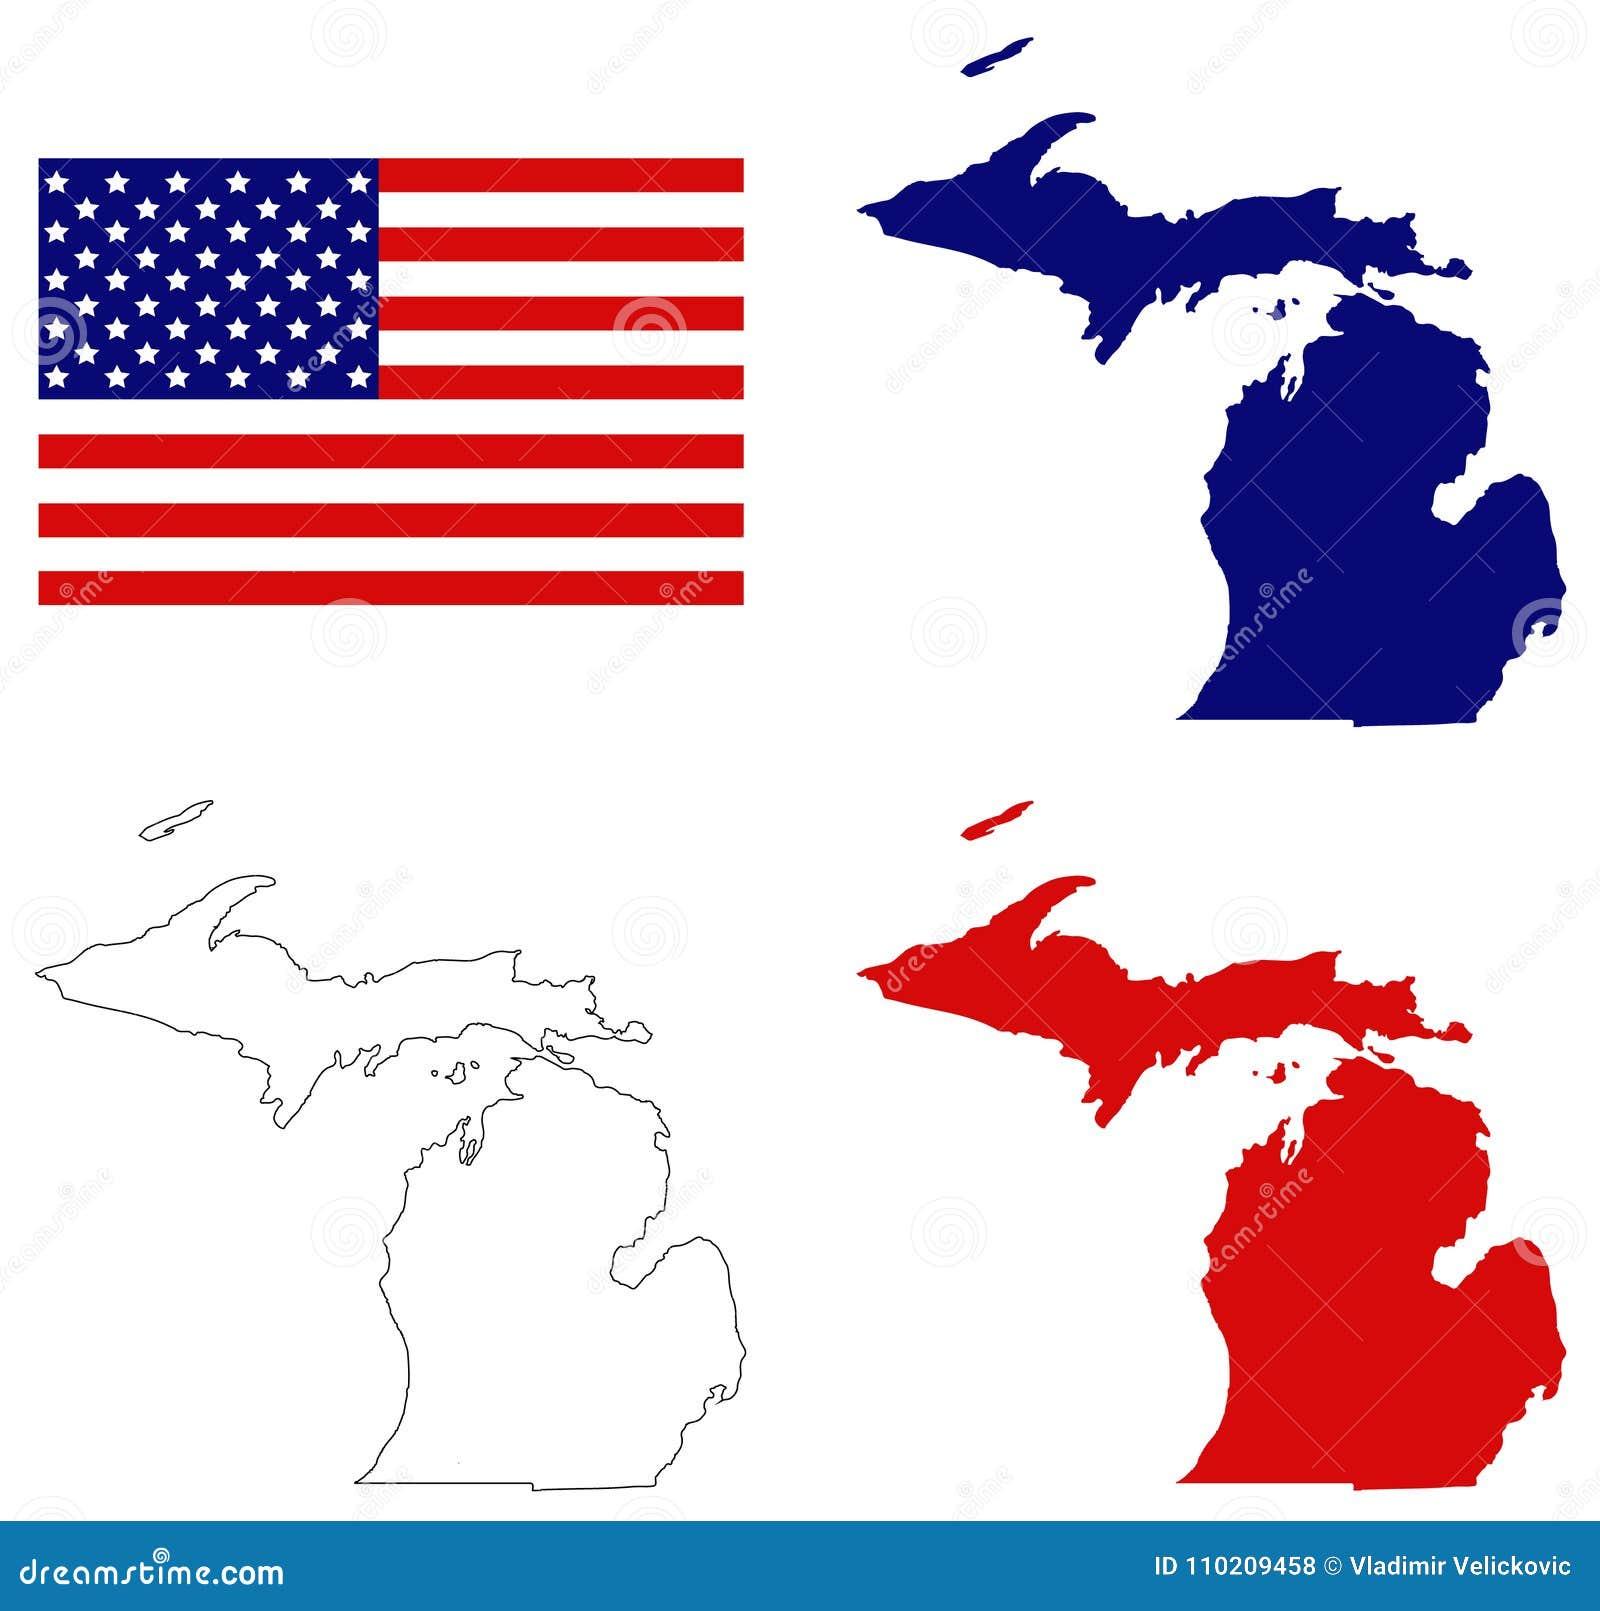 Mapa De Michigan Con La Bandera De Los E.E.U.U. - Estado En Los ...